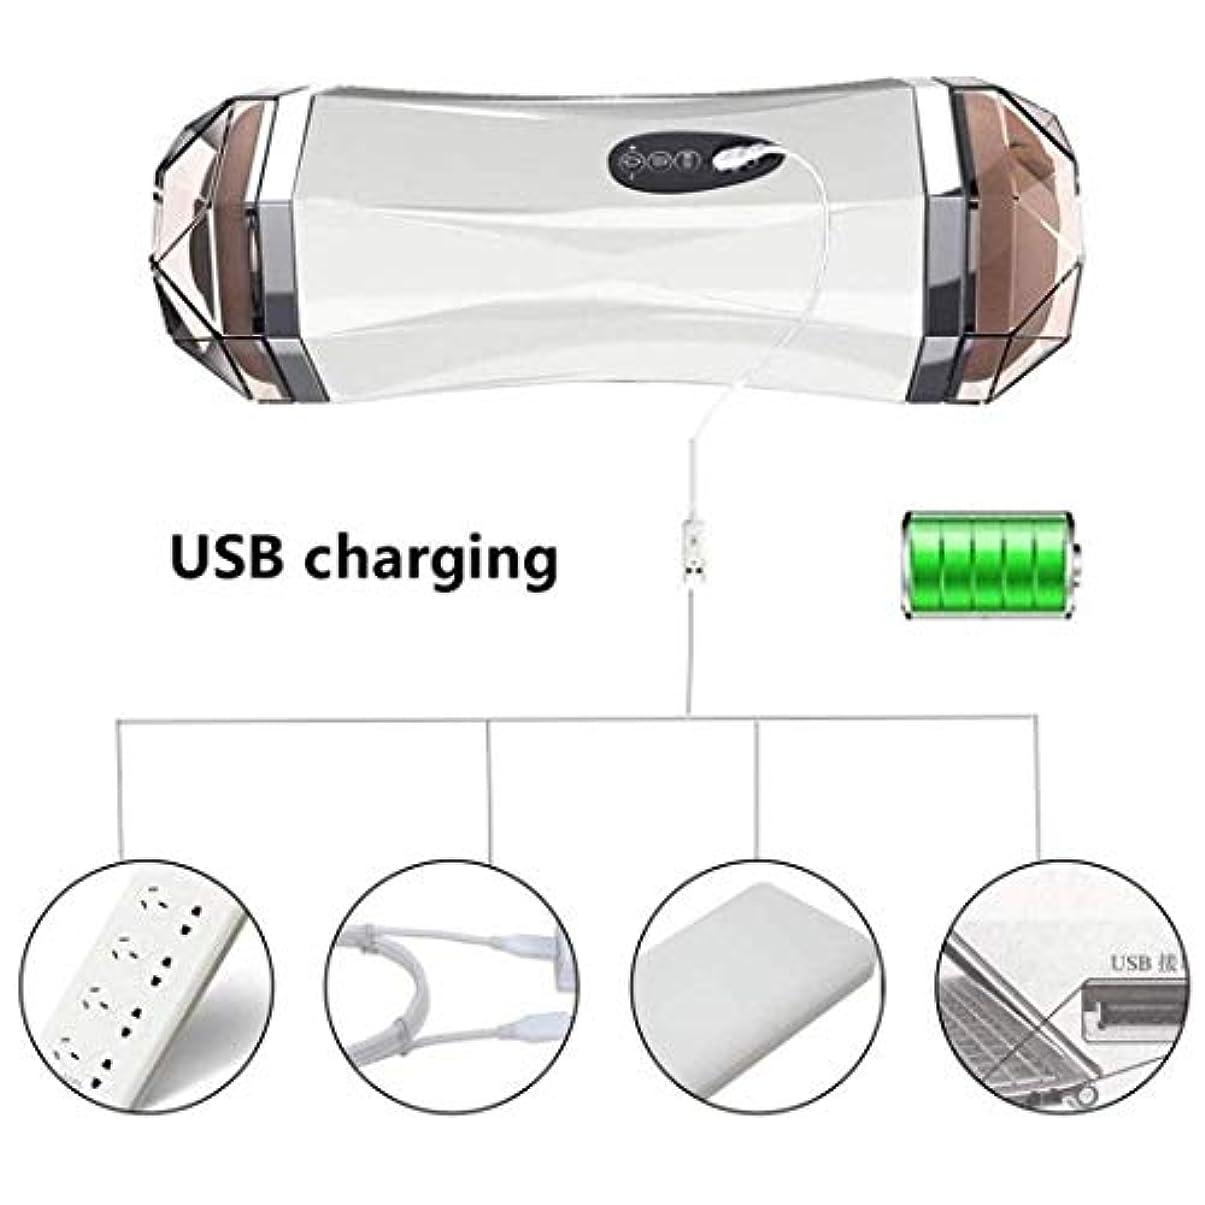 自然サーカス抵抗MCAZMSG USB Rechargable Handheld Body Massager for Pain Relief and Muscle Relaxation、Promo、Blood Circulation Massager